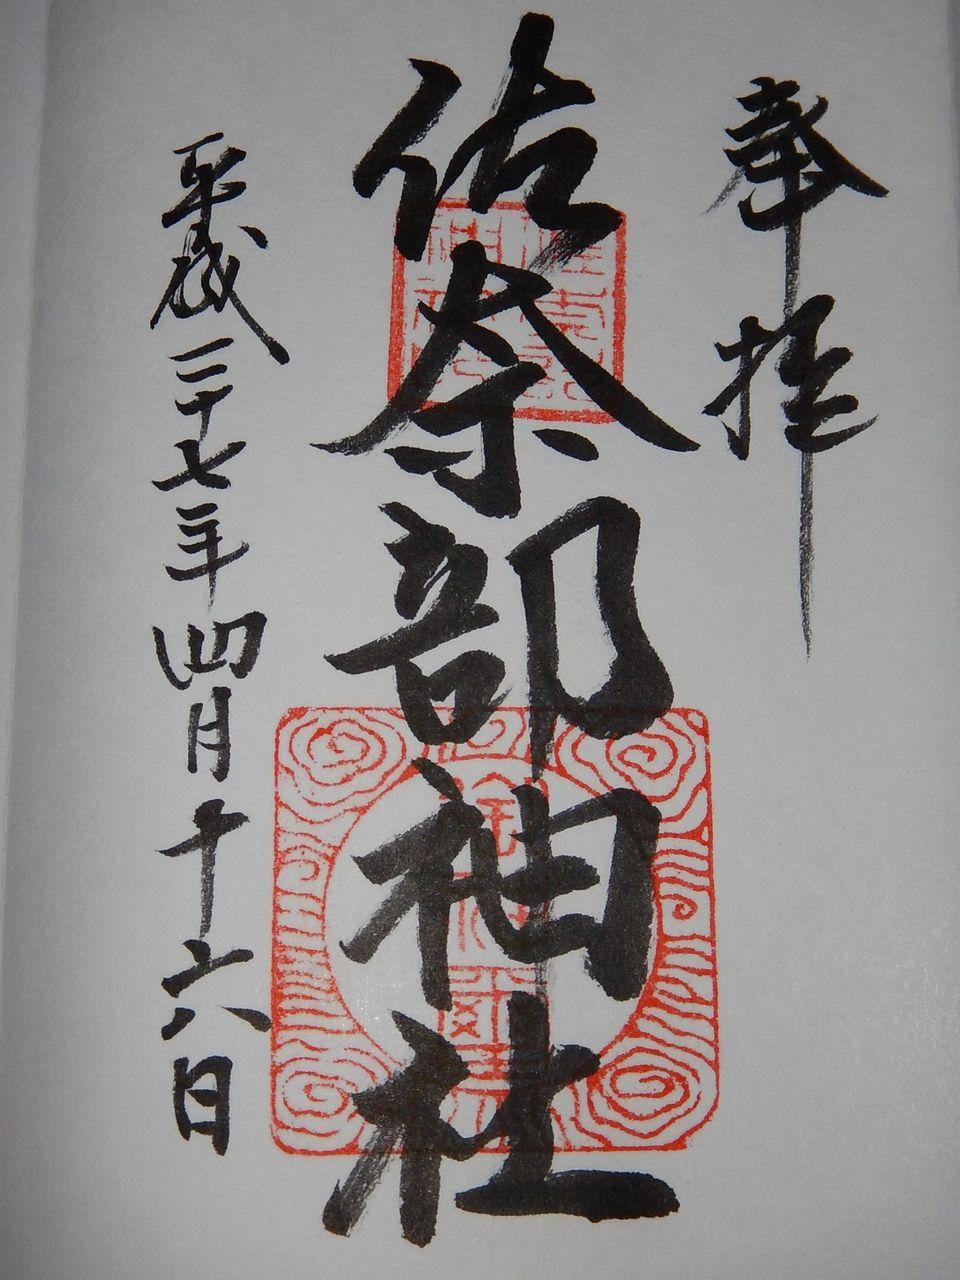 佐奈部神社 大阪府・北摂地区と大阪市の御朱印御集印 ~Vermilion seal or sta